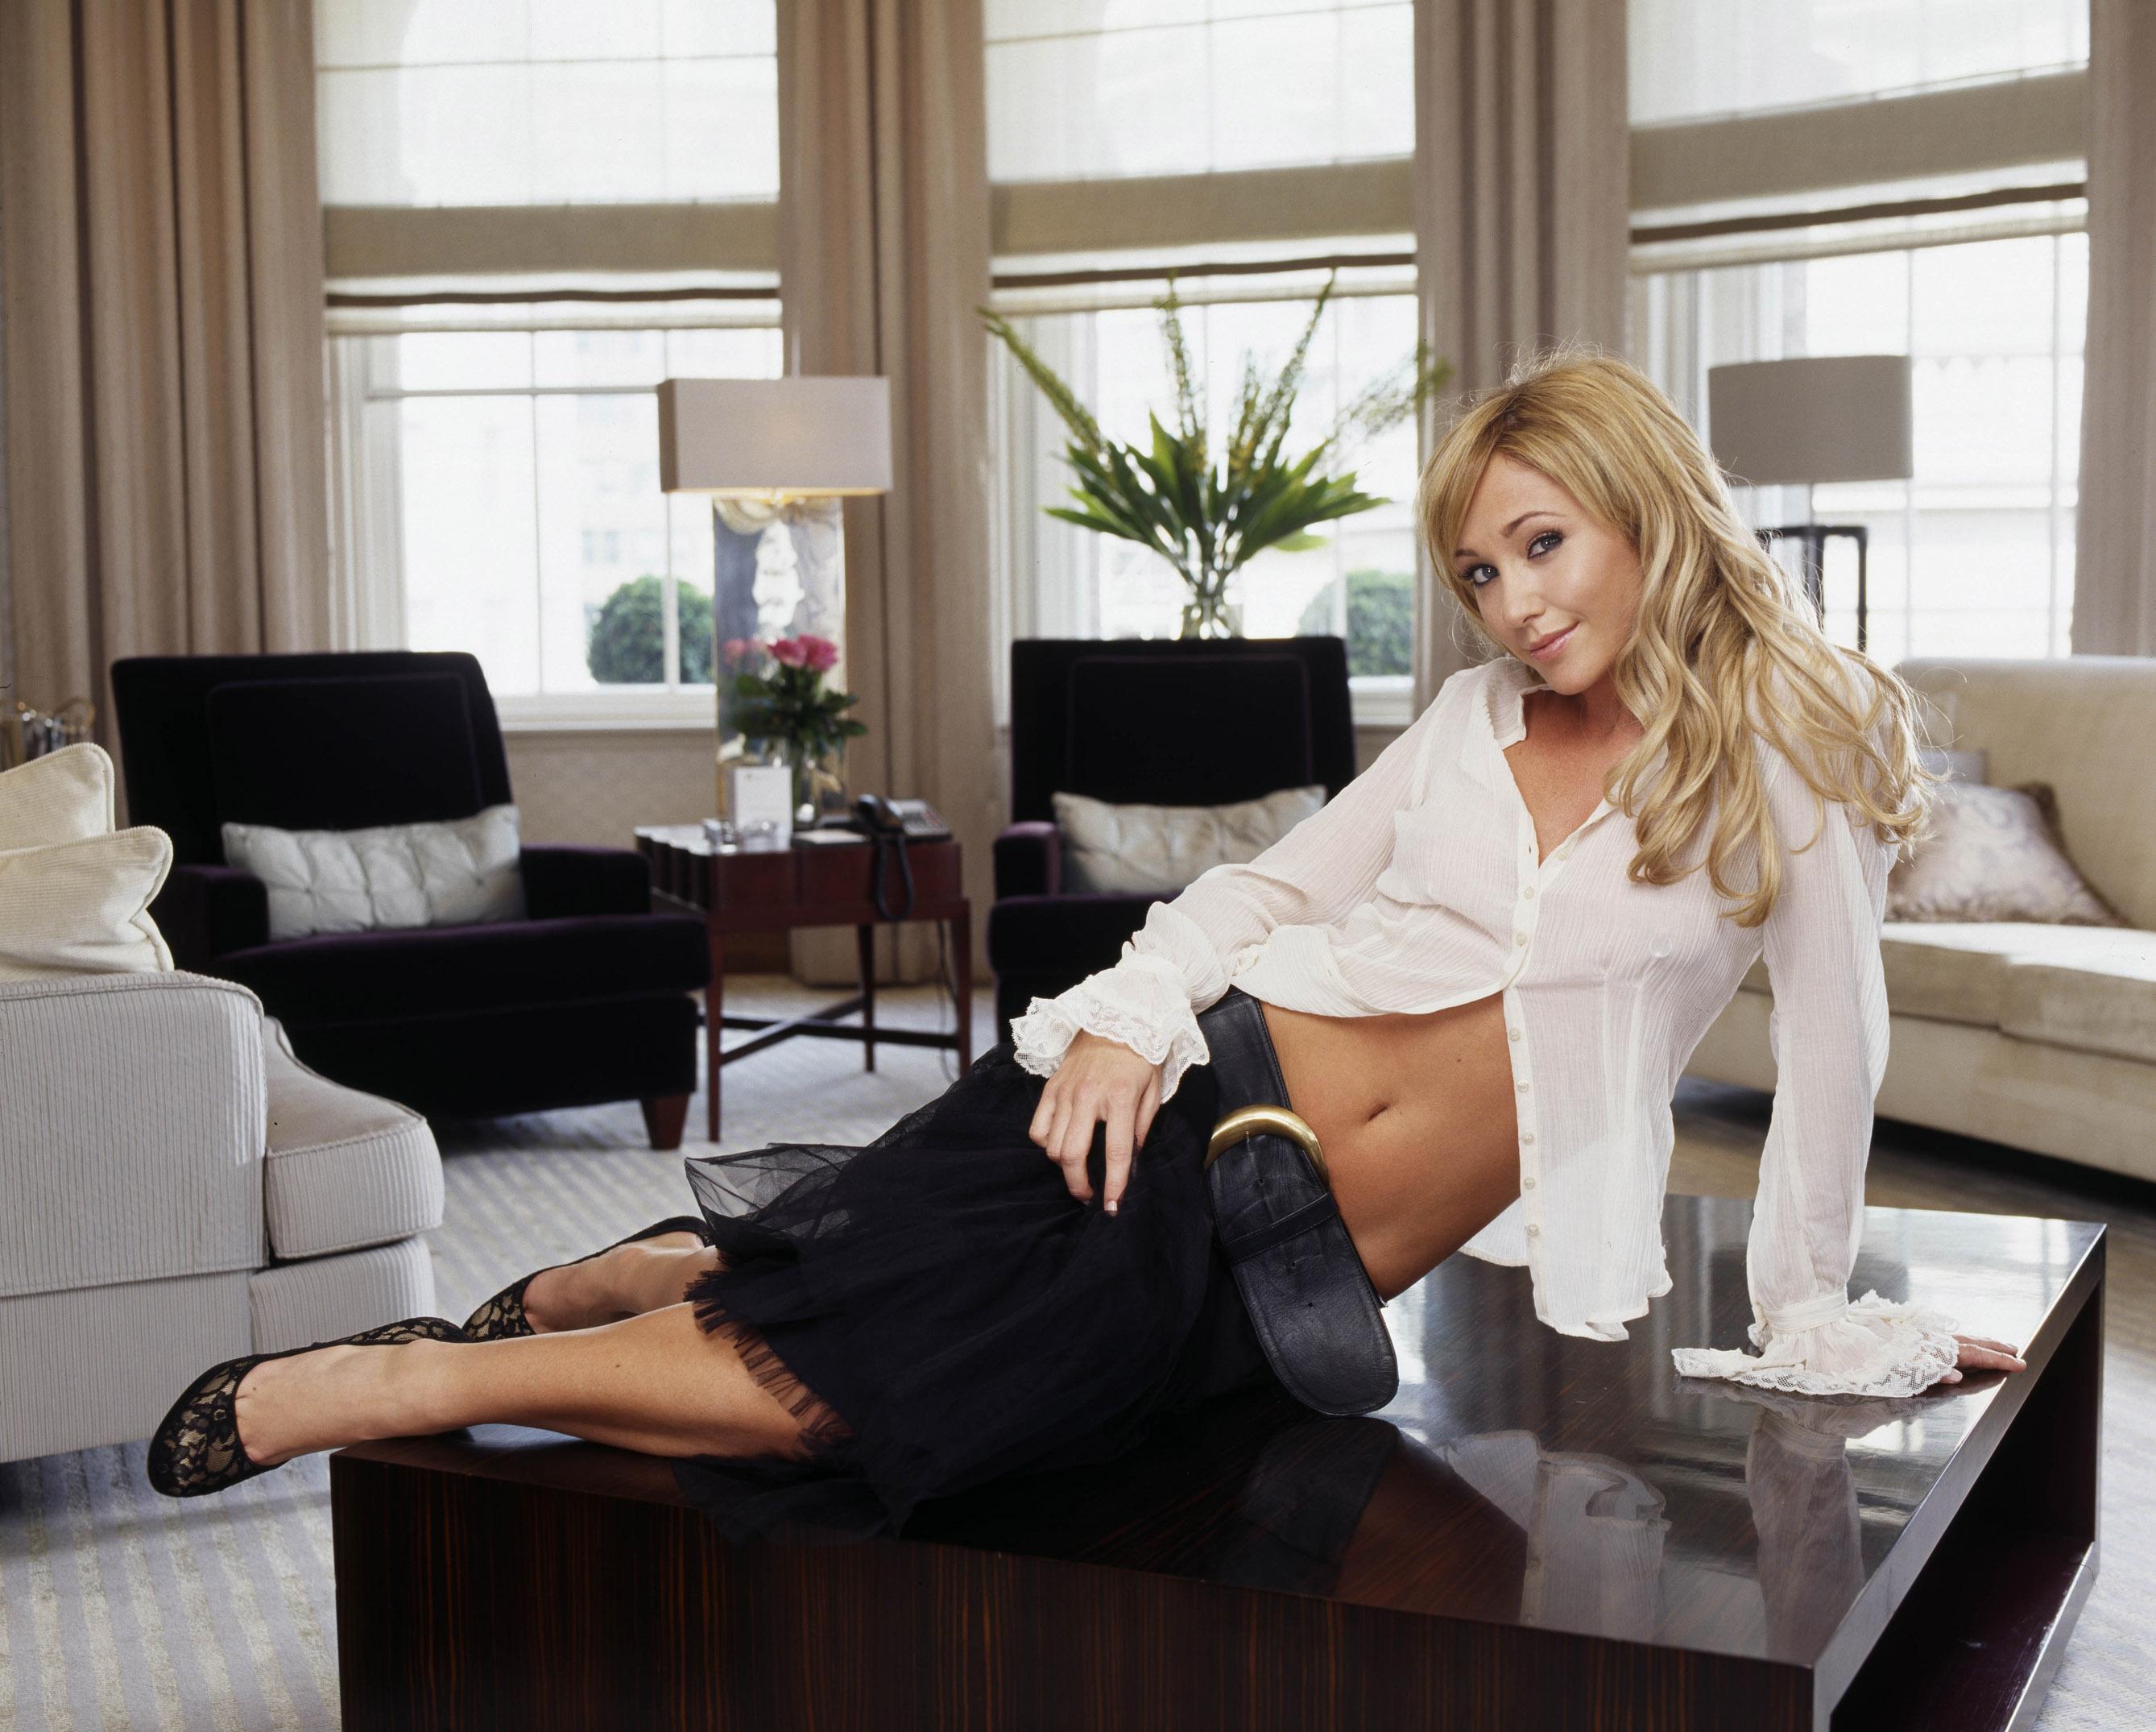 Секретаршу в офисе 7 фотография